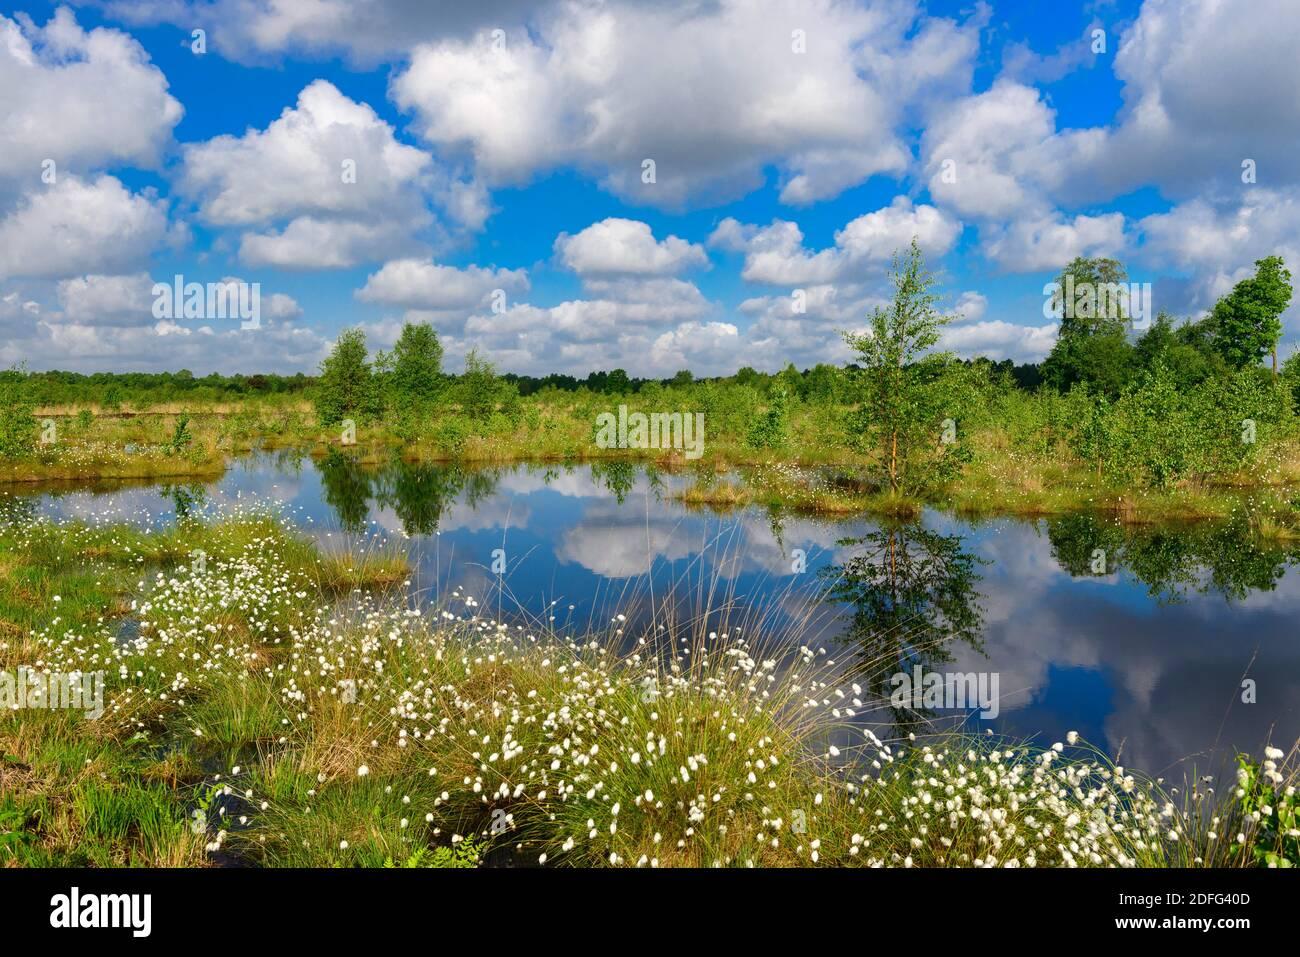 Wollgras, Fruchtstand, Goldenstedter Moor, Vechta, Foto de stock